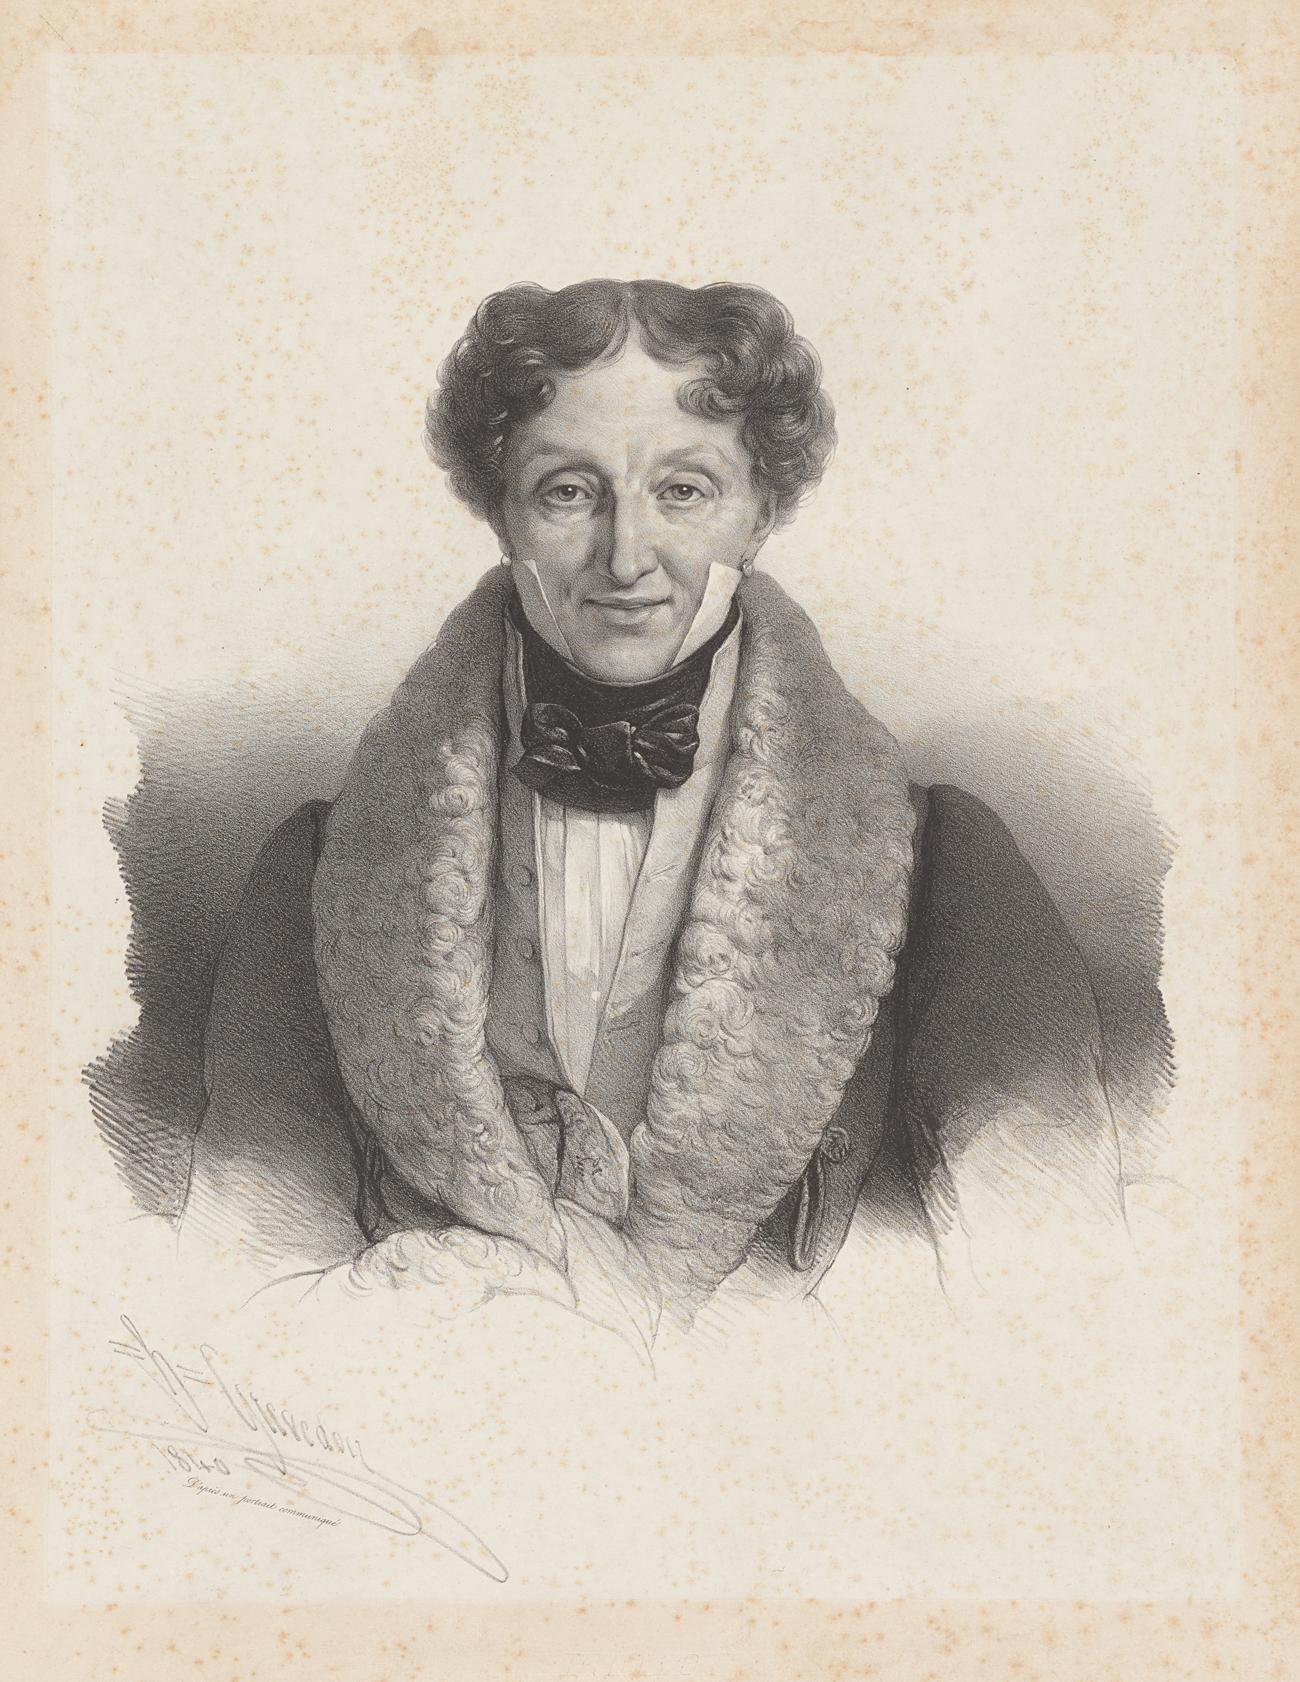 Charles-Louis Didelot. Crédit: Bibliothèque publique de New York